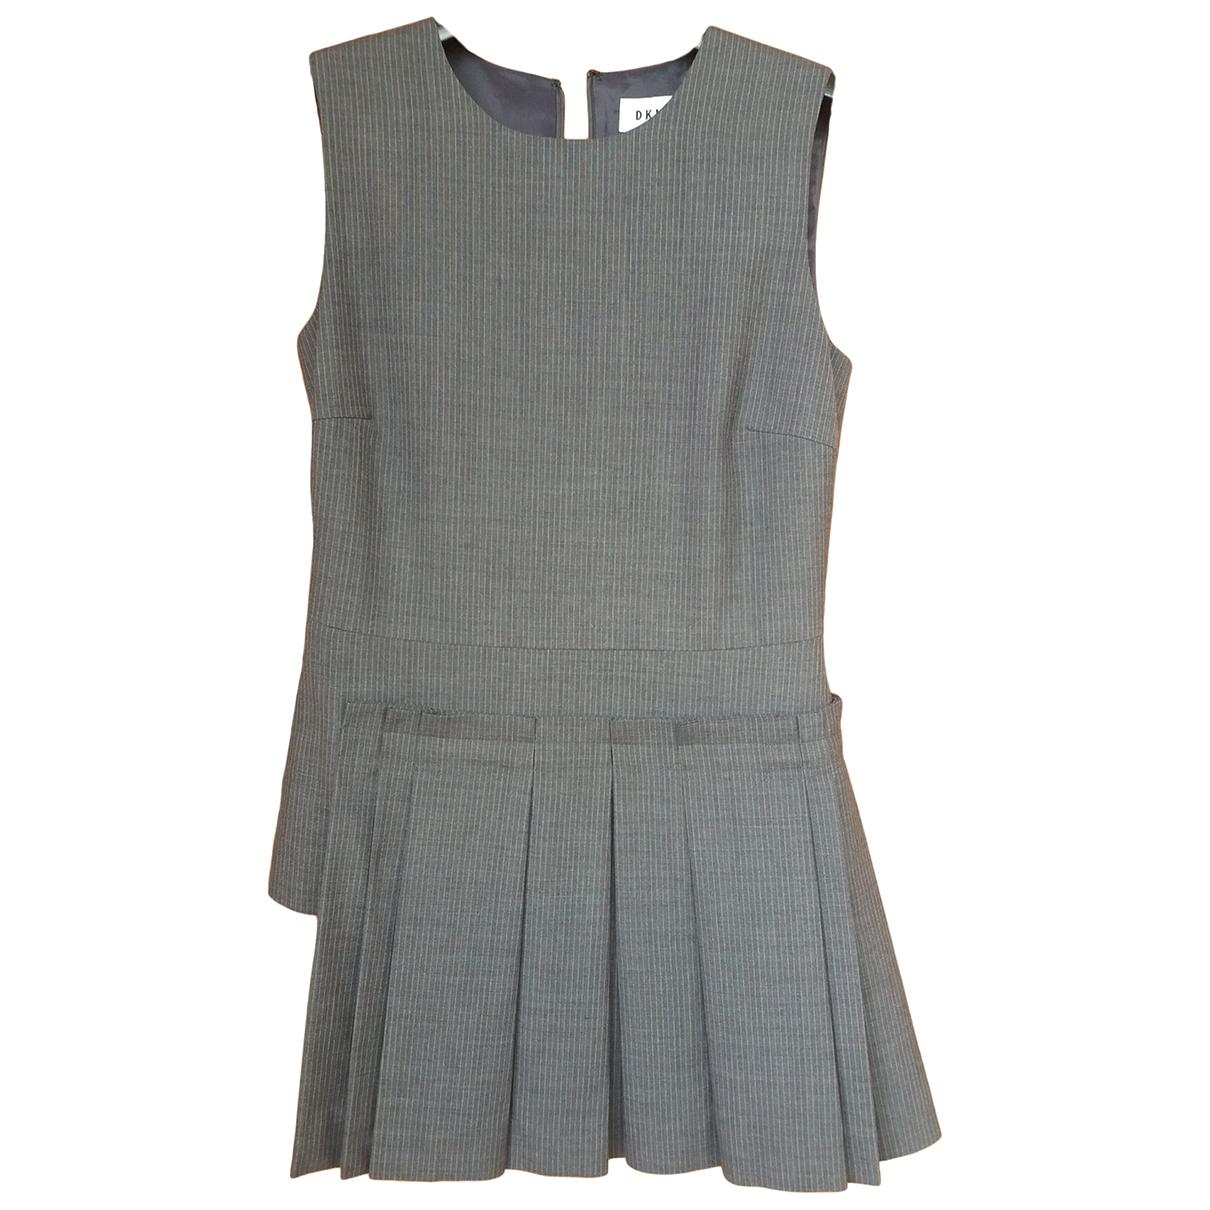 Dkny \N Grey Wool  top for Women 4 US